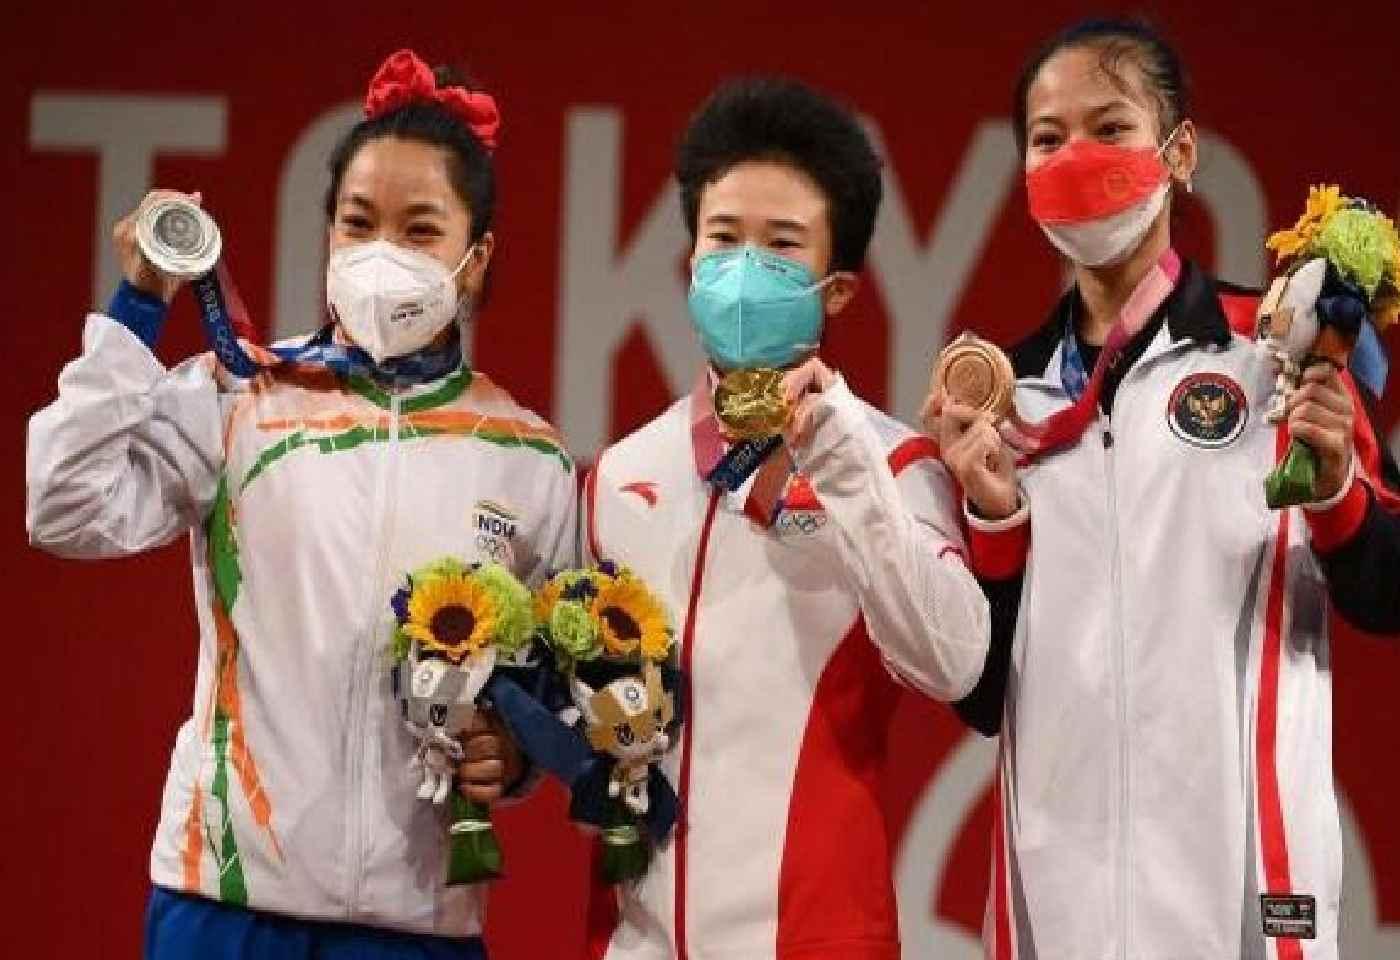 Mirabai Chanu Gold Medal Chance China Weightlifter Facing Doping Test At Tokyo Olympics